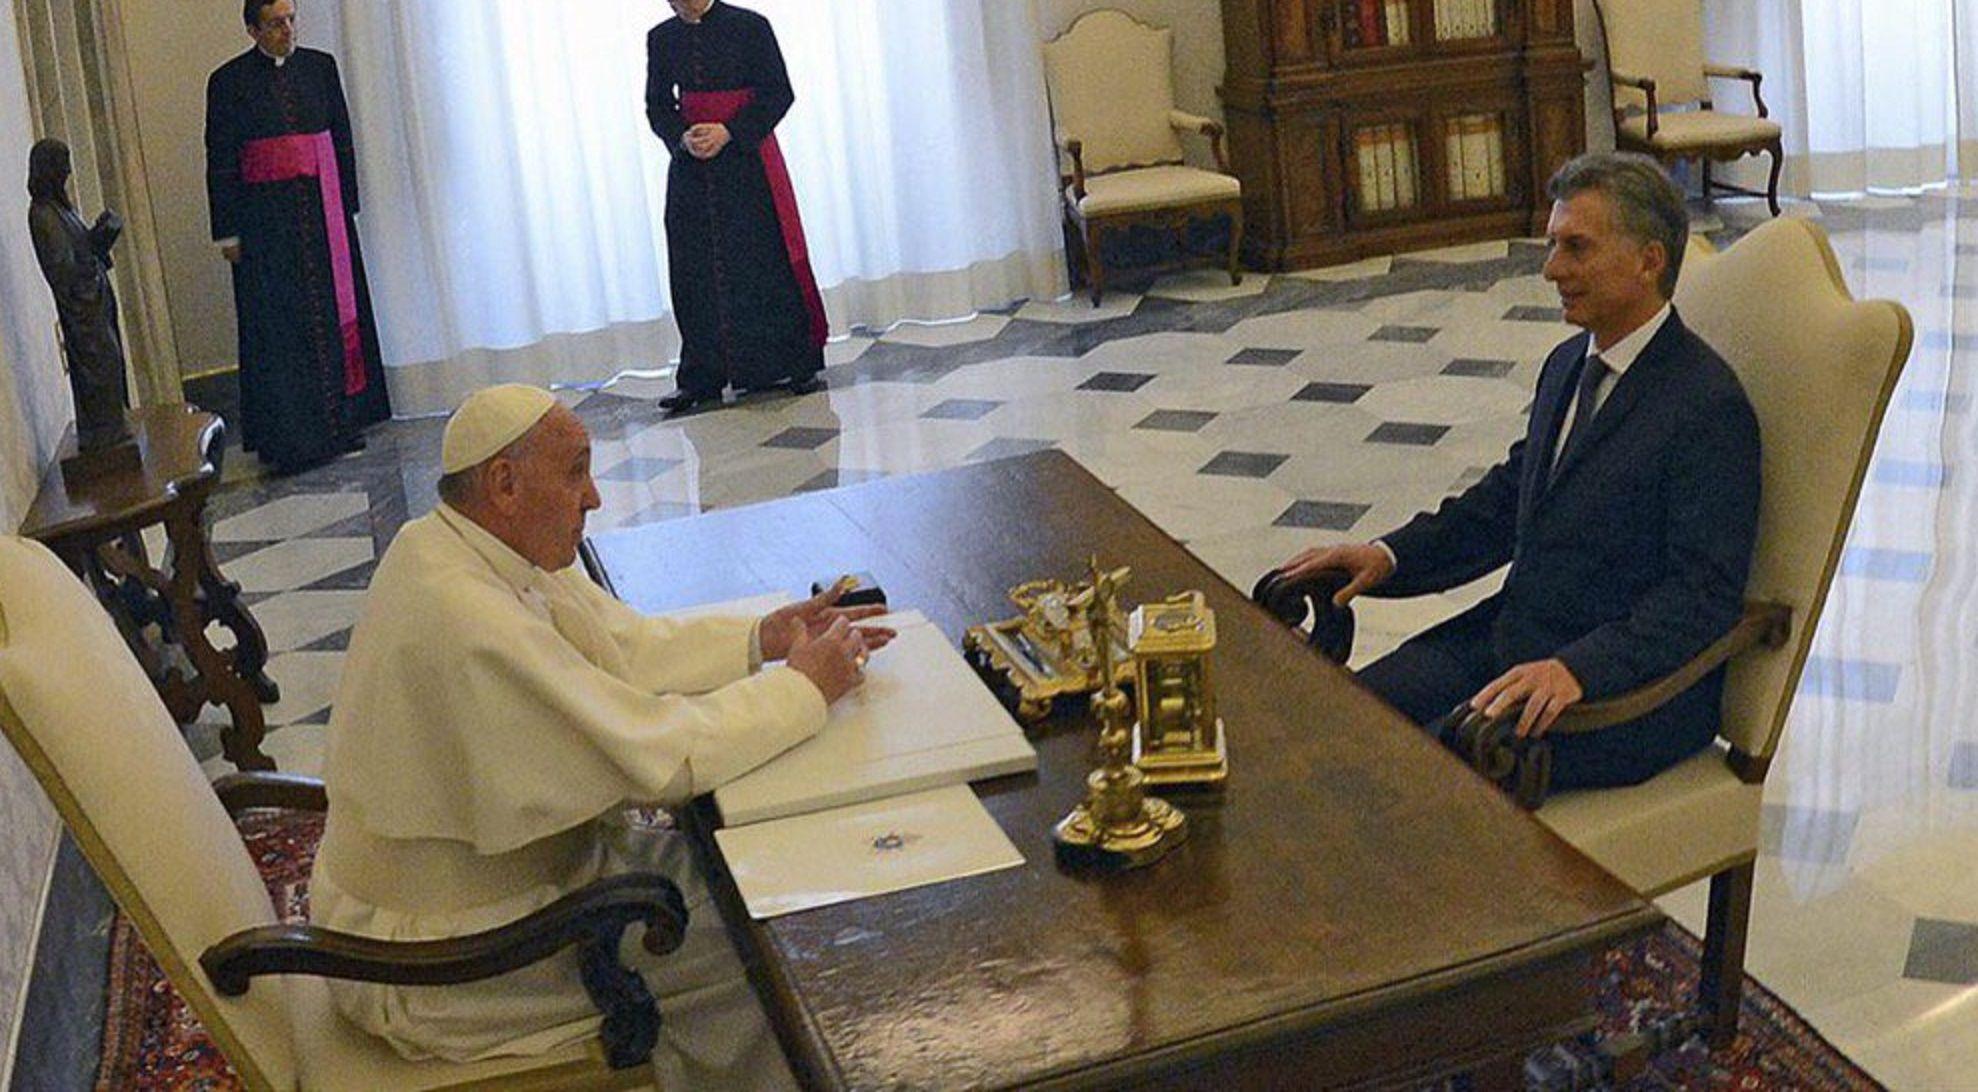 ¿Qué se regalaron Macri y Francisco durante el encuentro?